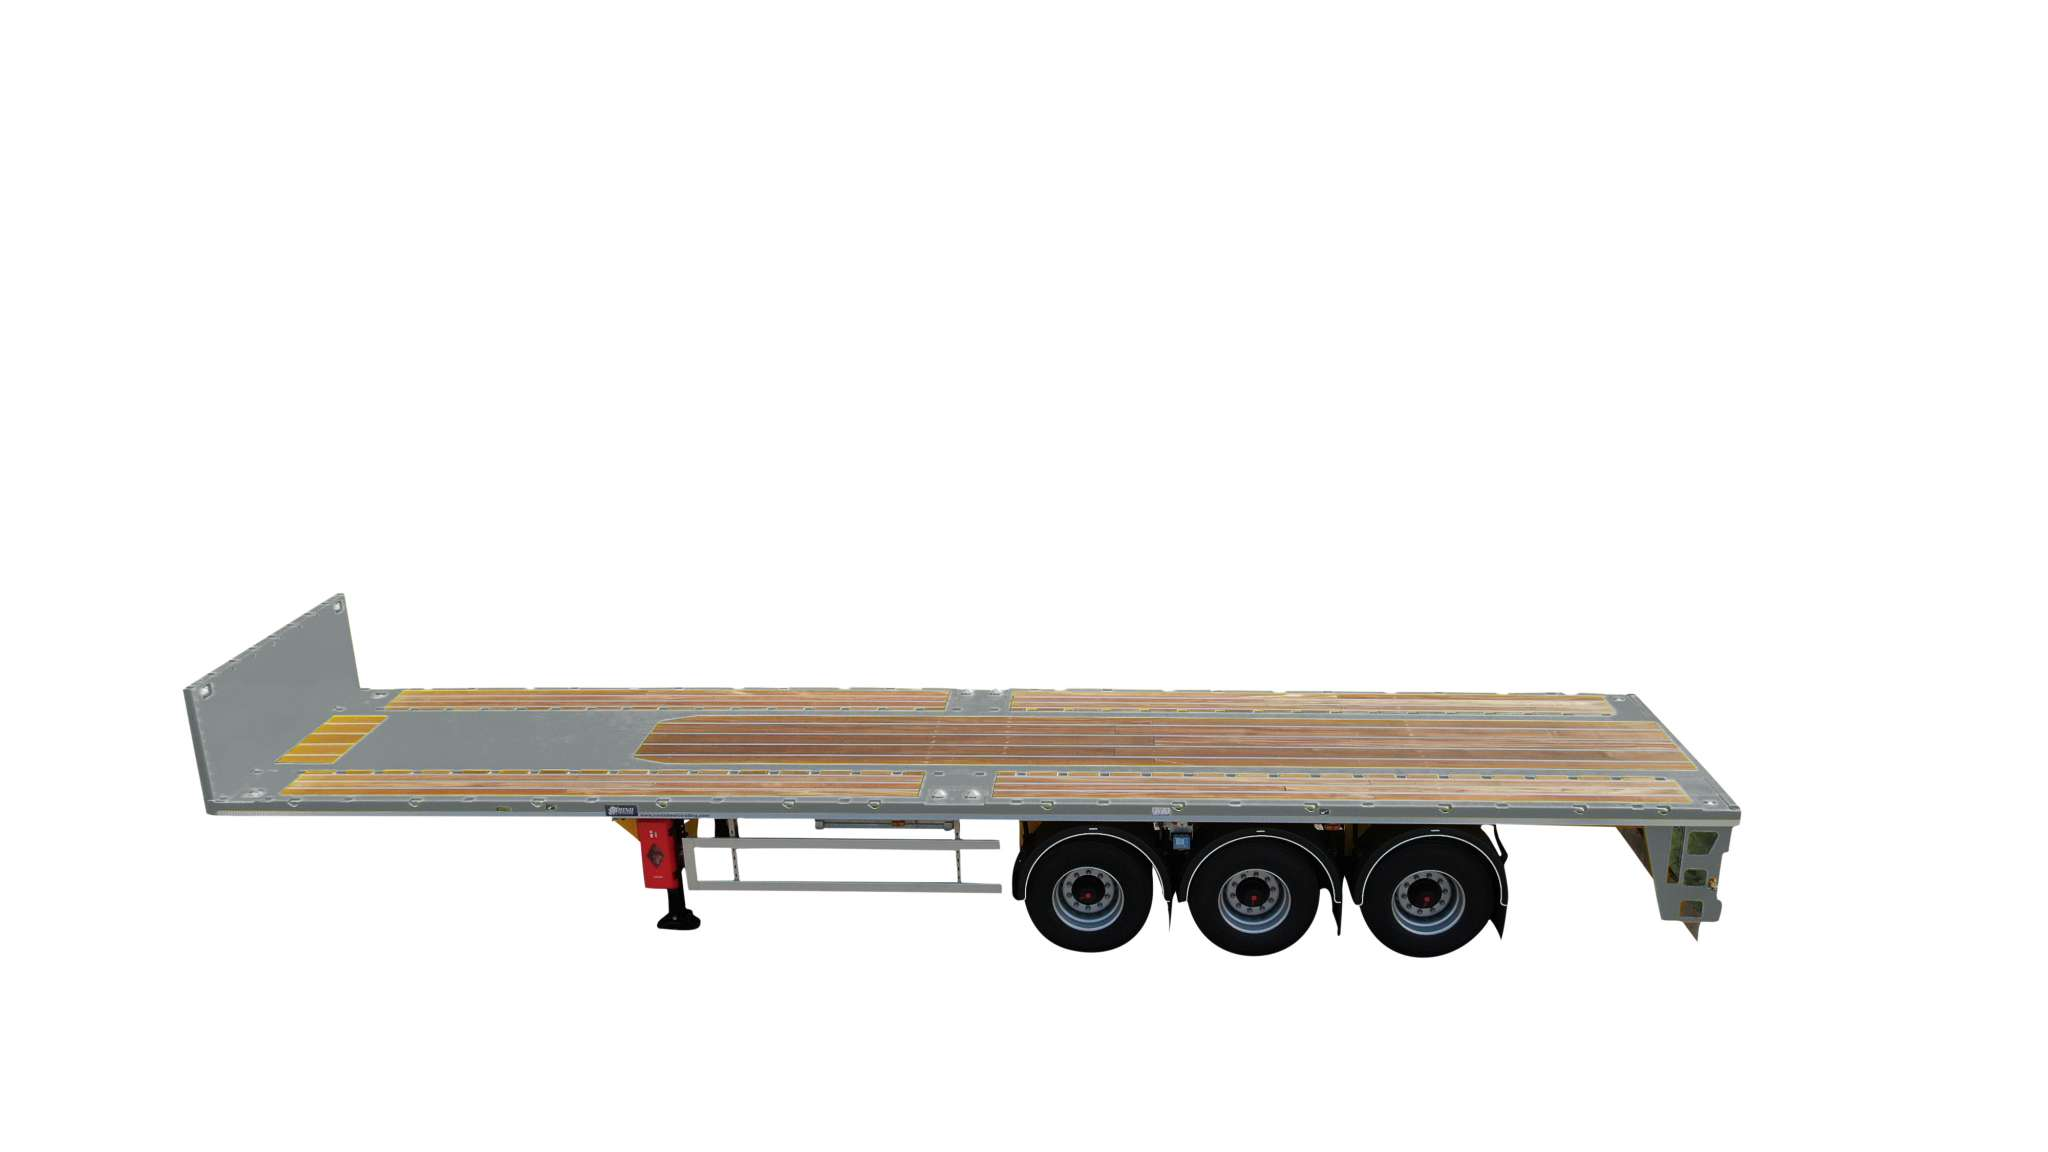 3 Axle ballast | loadfloor length 12,45 m | payload 40 ton